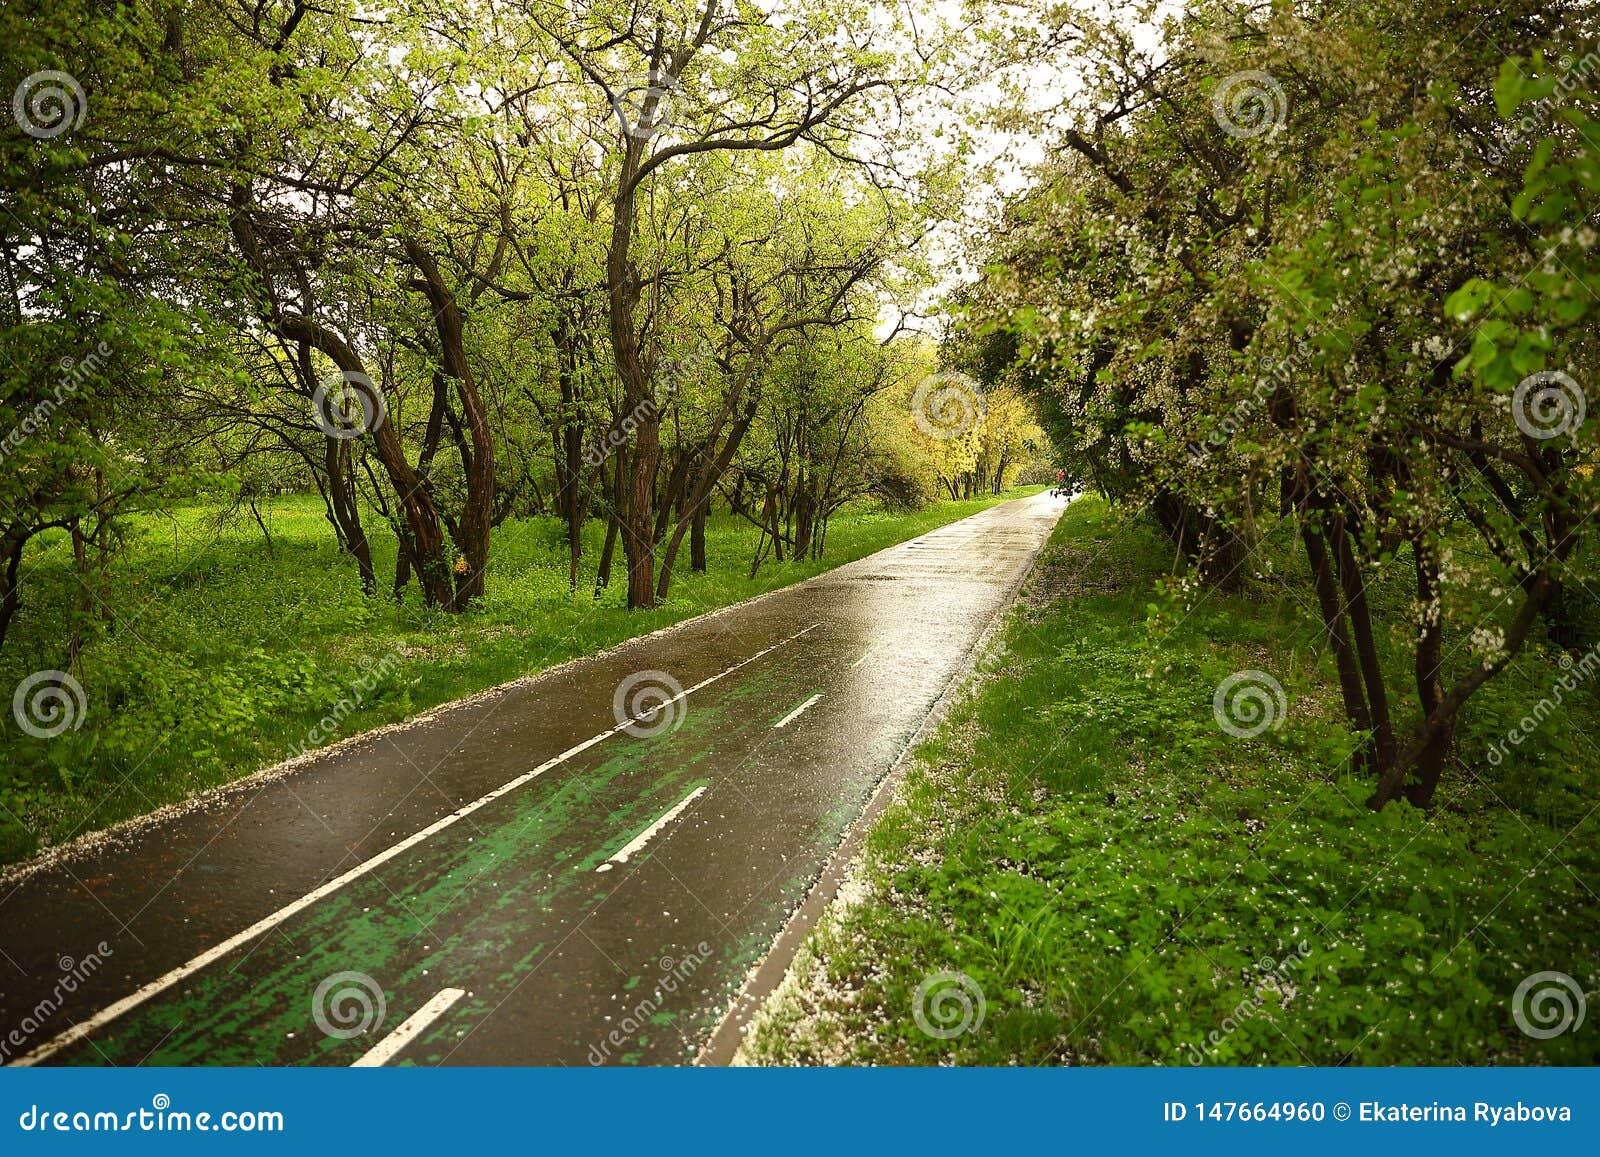 Una pista que activa mojada después de la lluvia, regada con los pétalos caidos blancos de la cereza